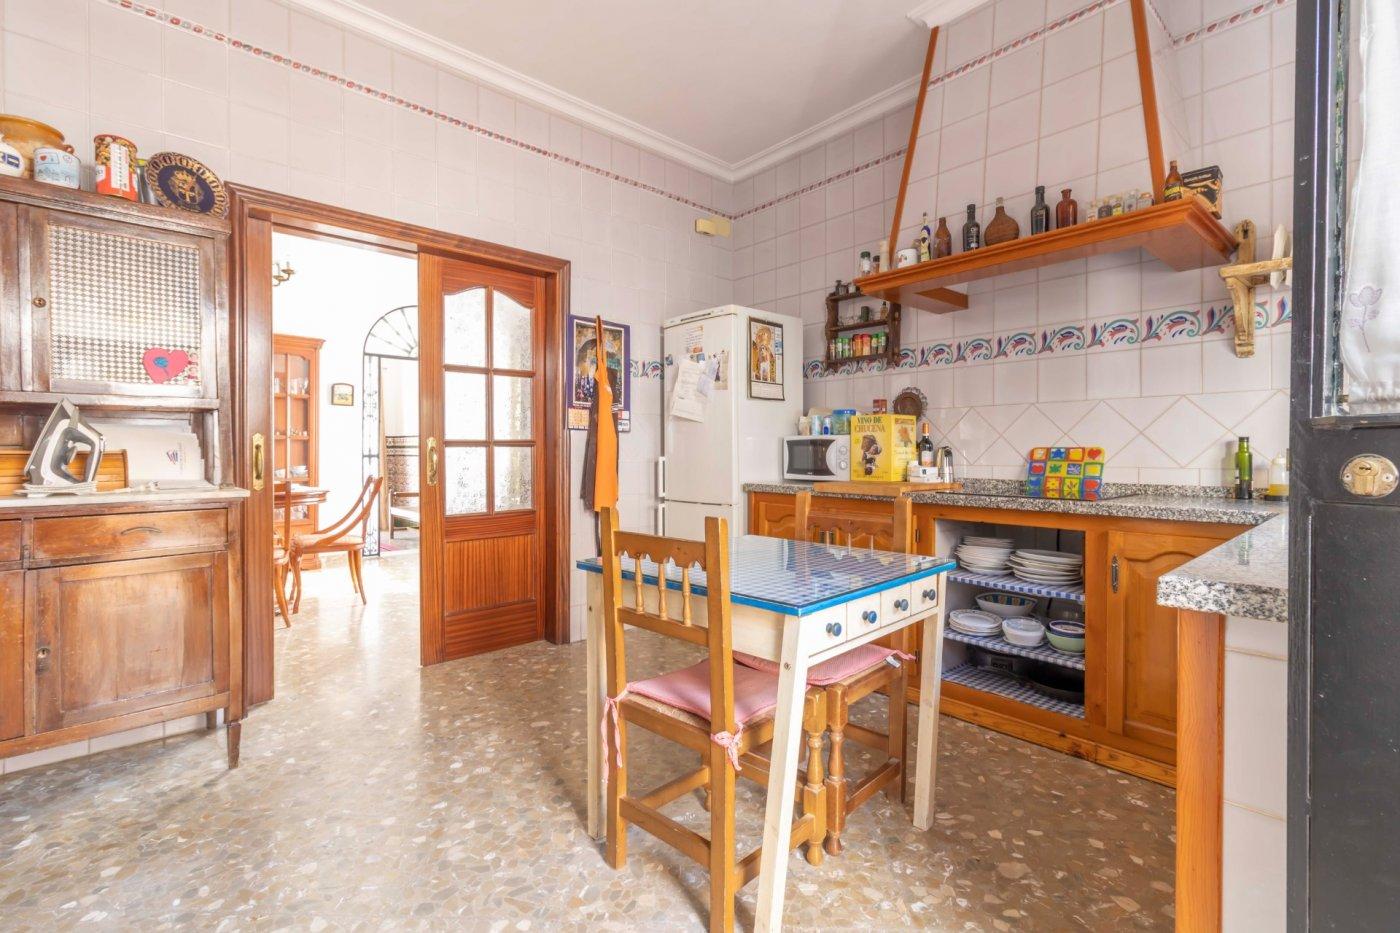 Casa a la venta en salteras - imagenInmueble12